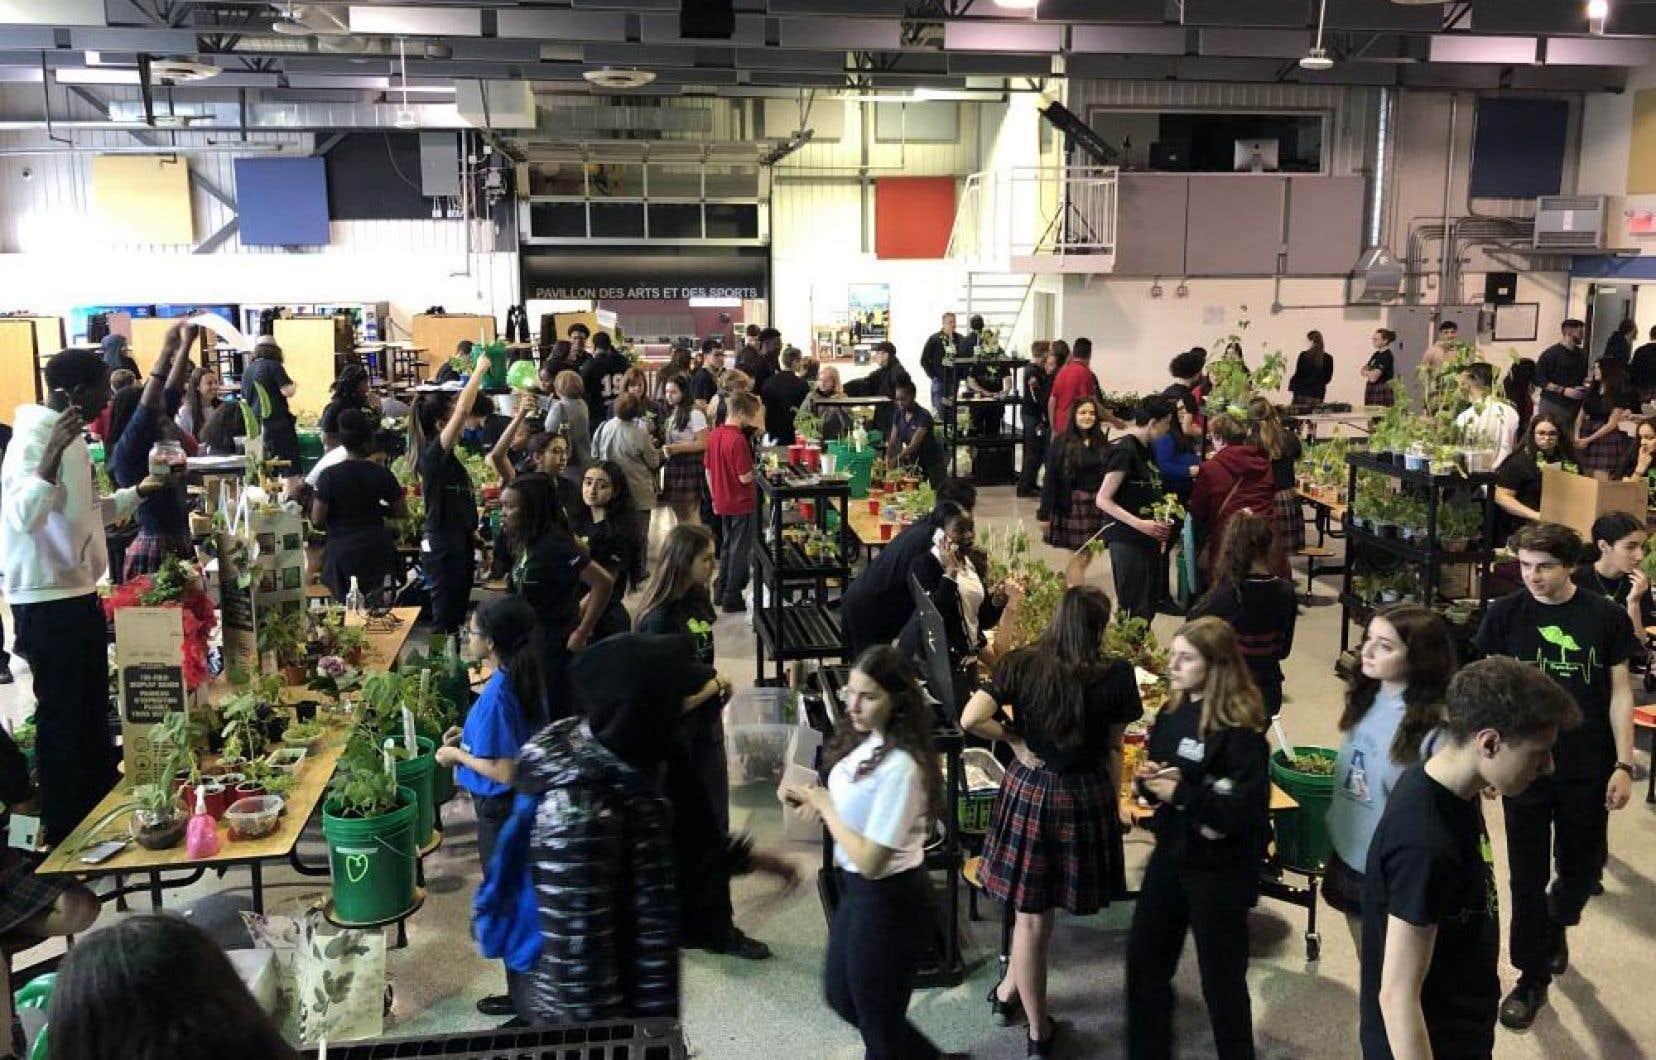 Le Collège d'Anjou vend des pousses de légumes chaque année en mai, que les élèves cultivent un peu partout dans l'école, une activité qui prend de plus en plus d'ampleur et lui permet d'amasser environ 5000$ annuellement.